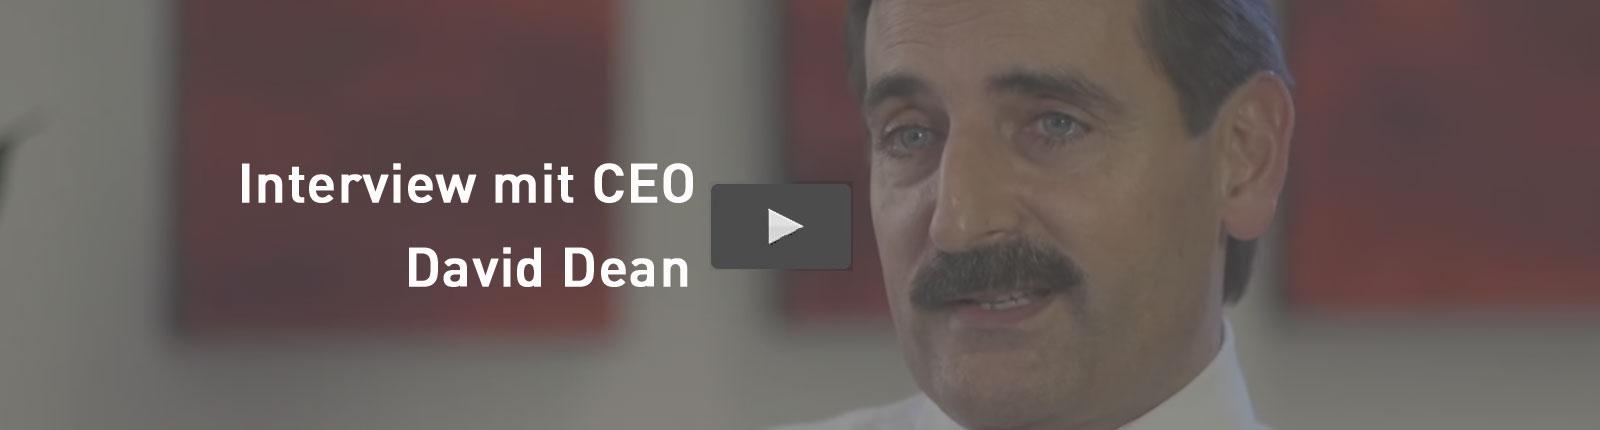 interview mit David Dean